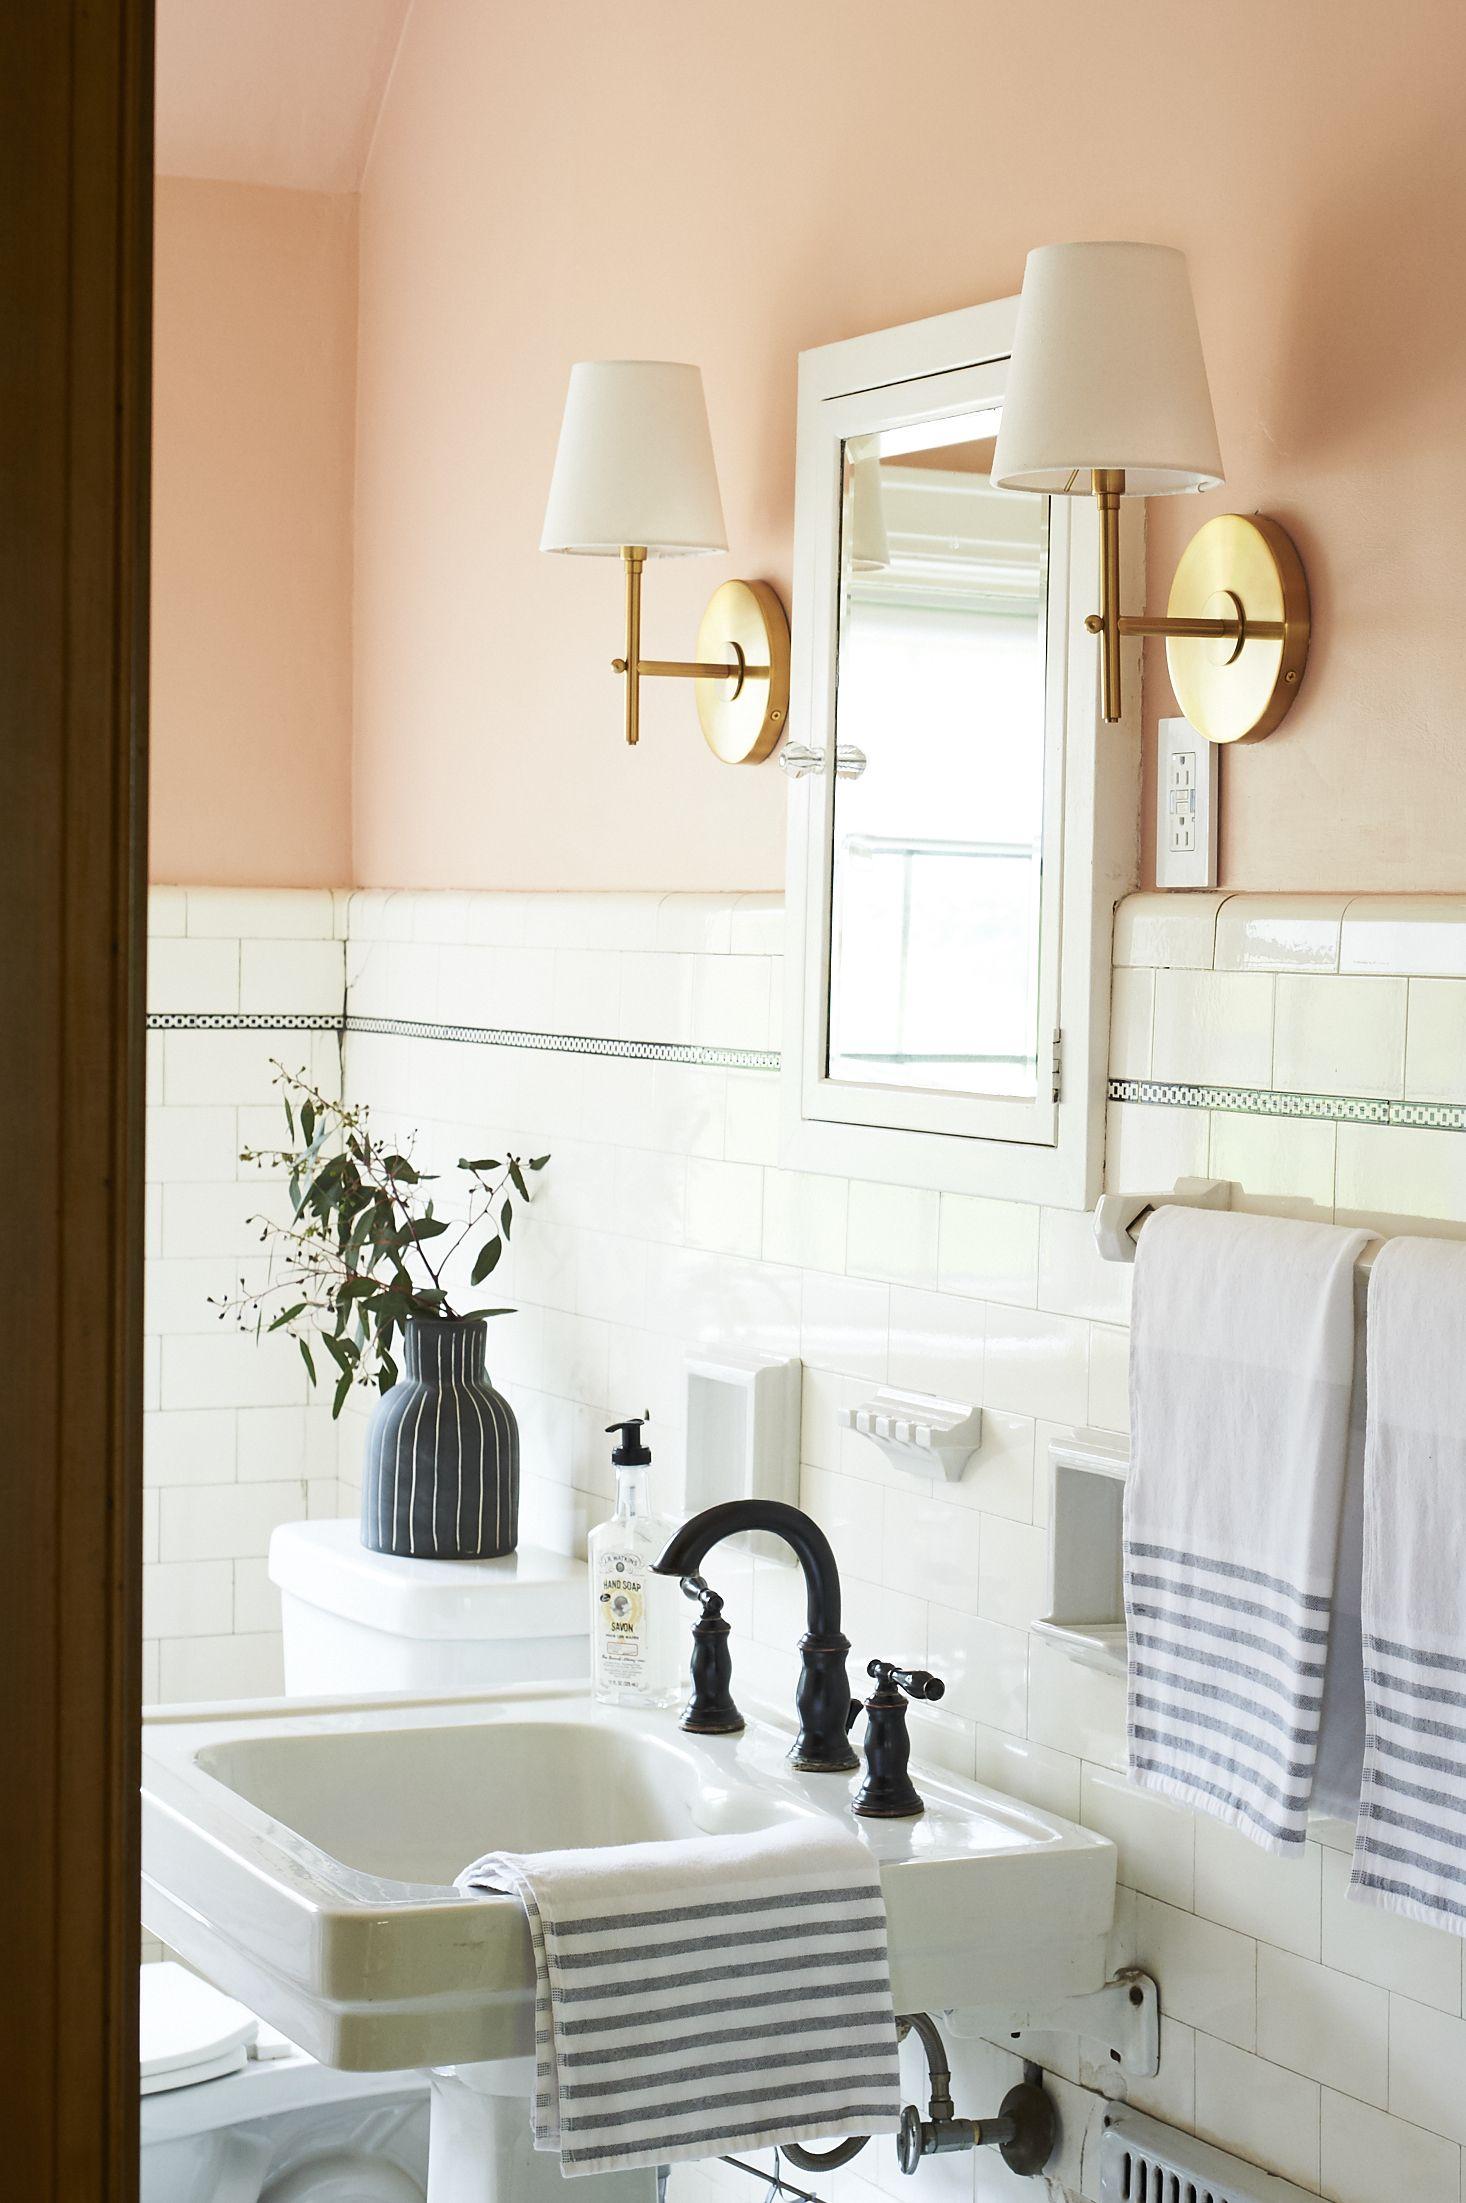 Sneak Peek Bathroom Details With Serena Lily The Sweet Beast